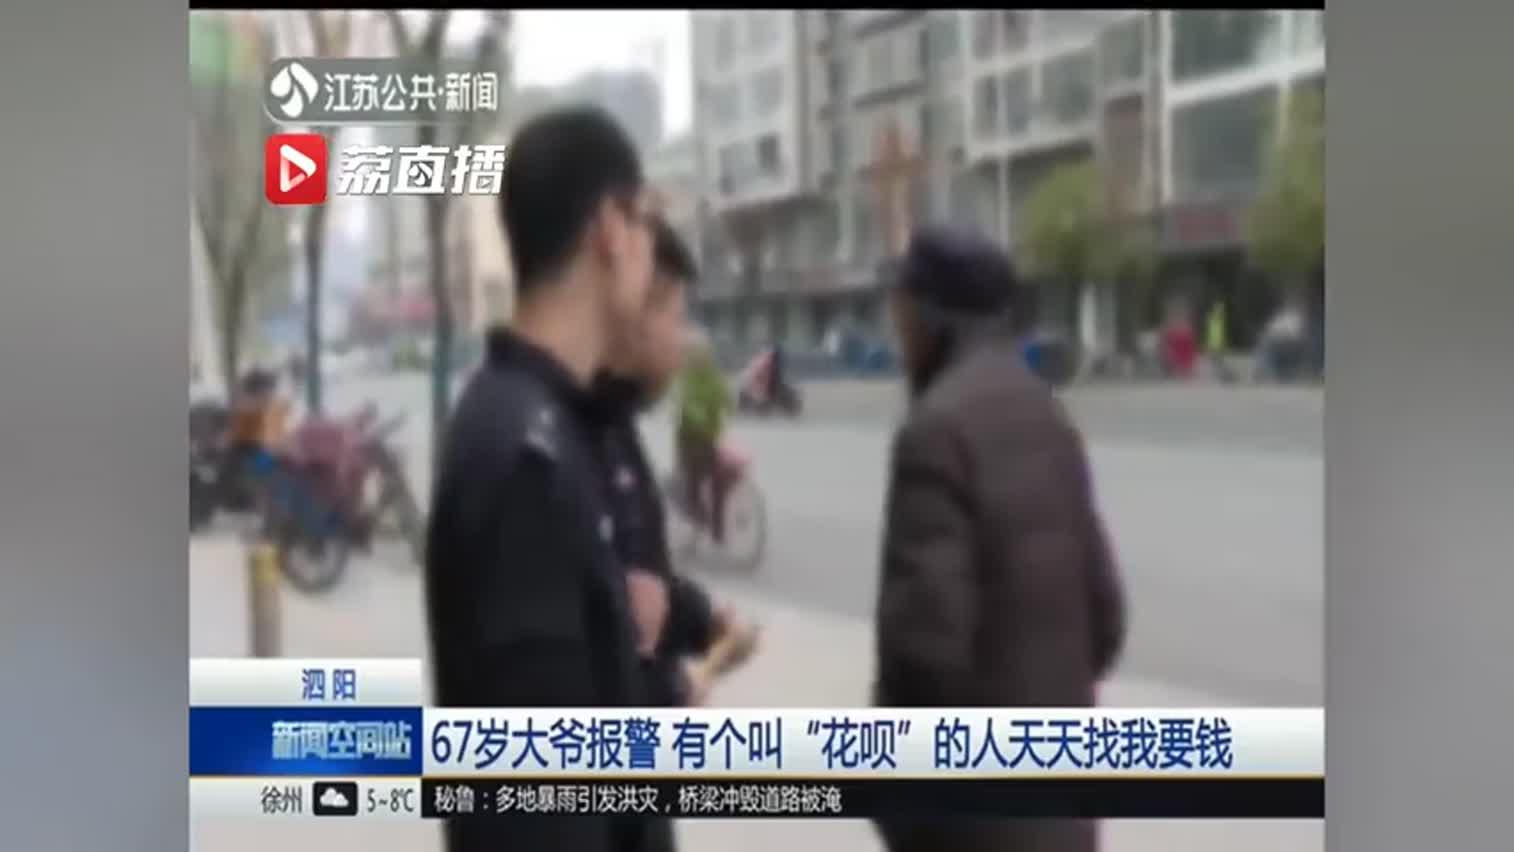 视频-67岁大爷报警:有个叫花呗的人老找我要钱